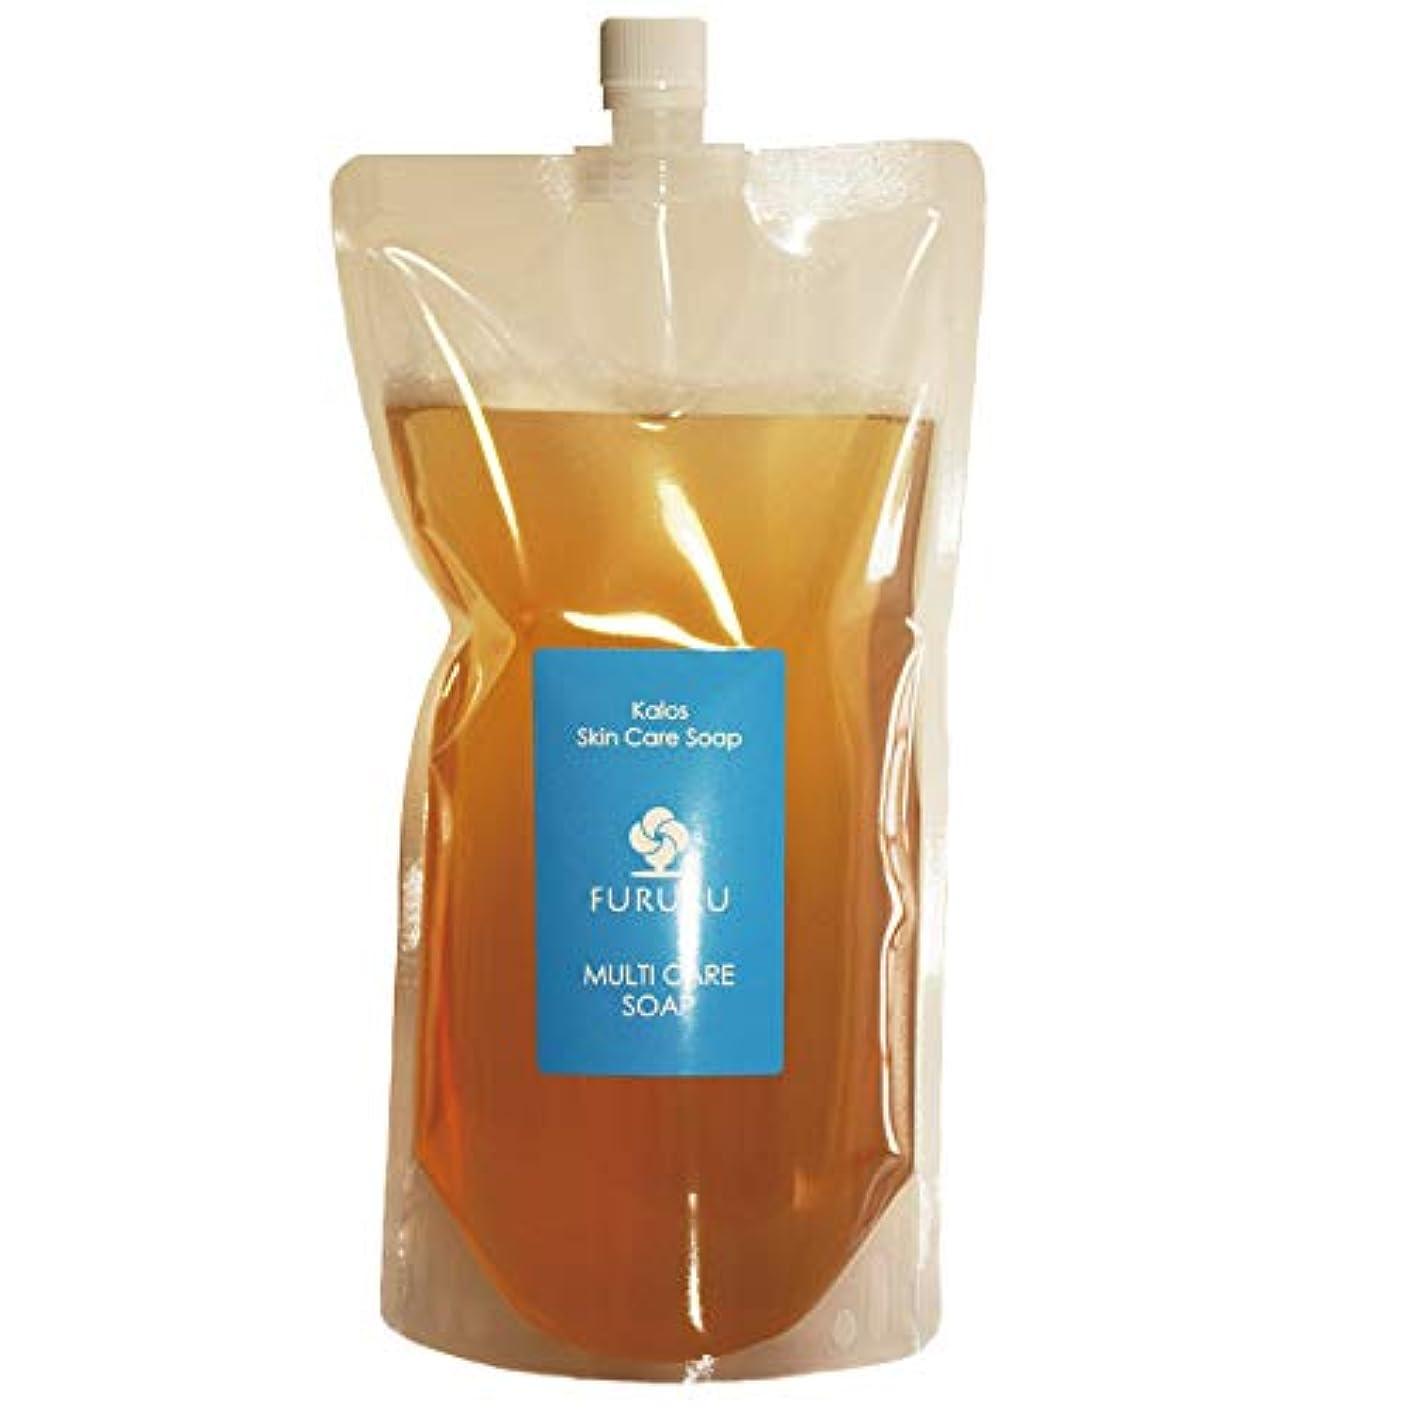 堂々たるレーザアルミニウムフルボ酸 FURURU ボタニカル シャンプー 詰替え用 (1000ml)